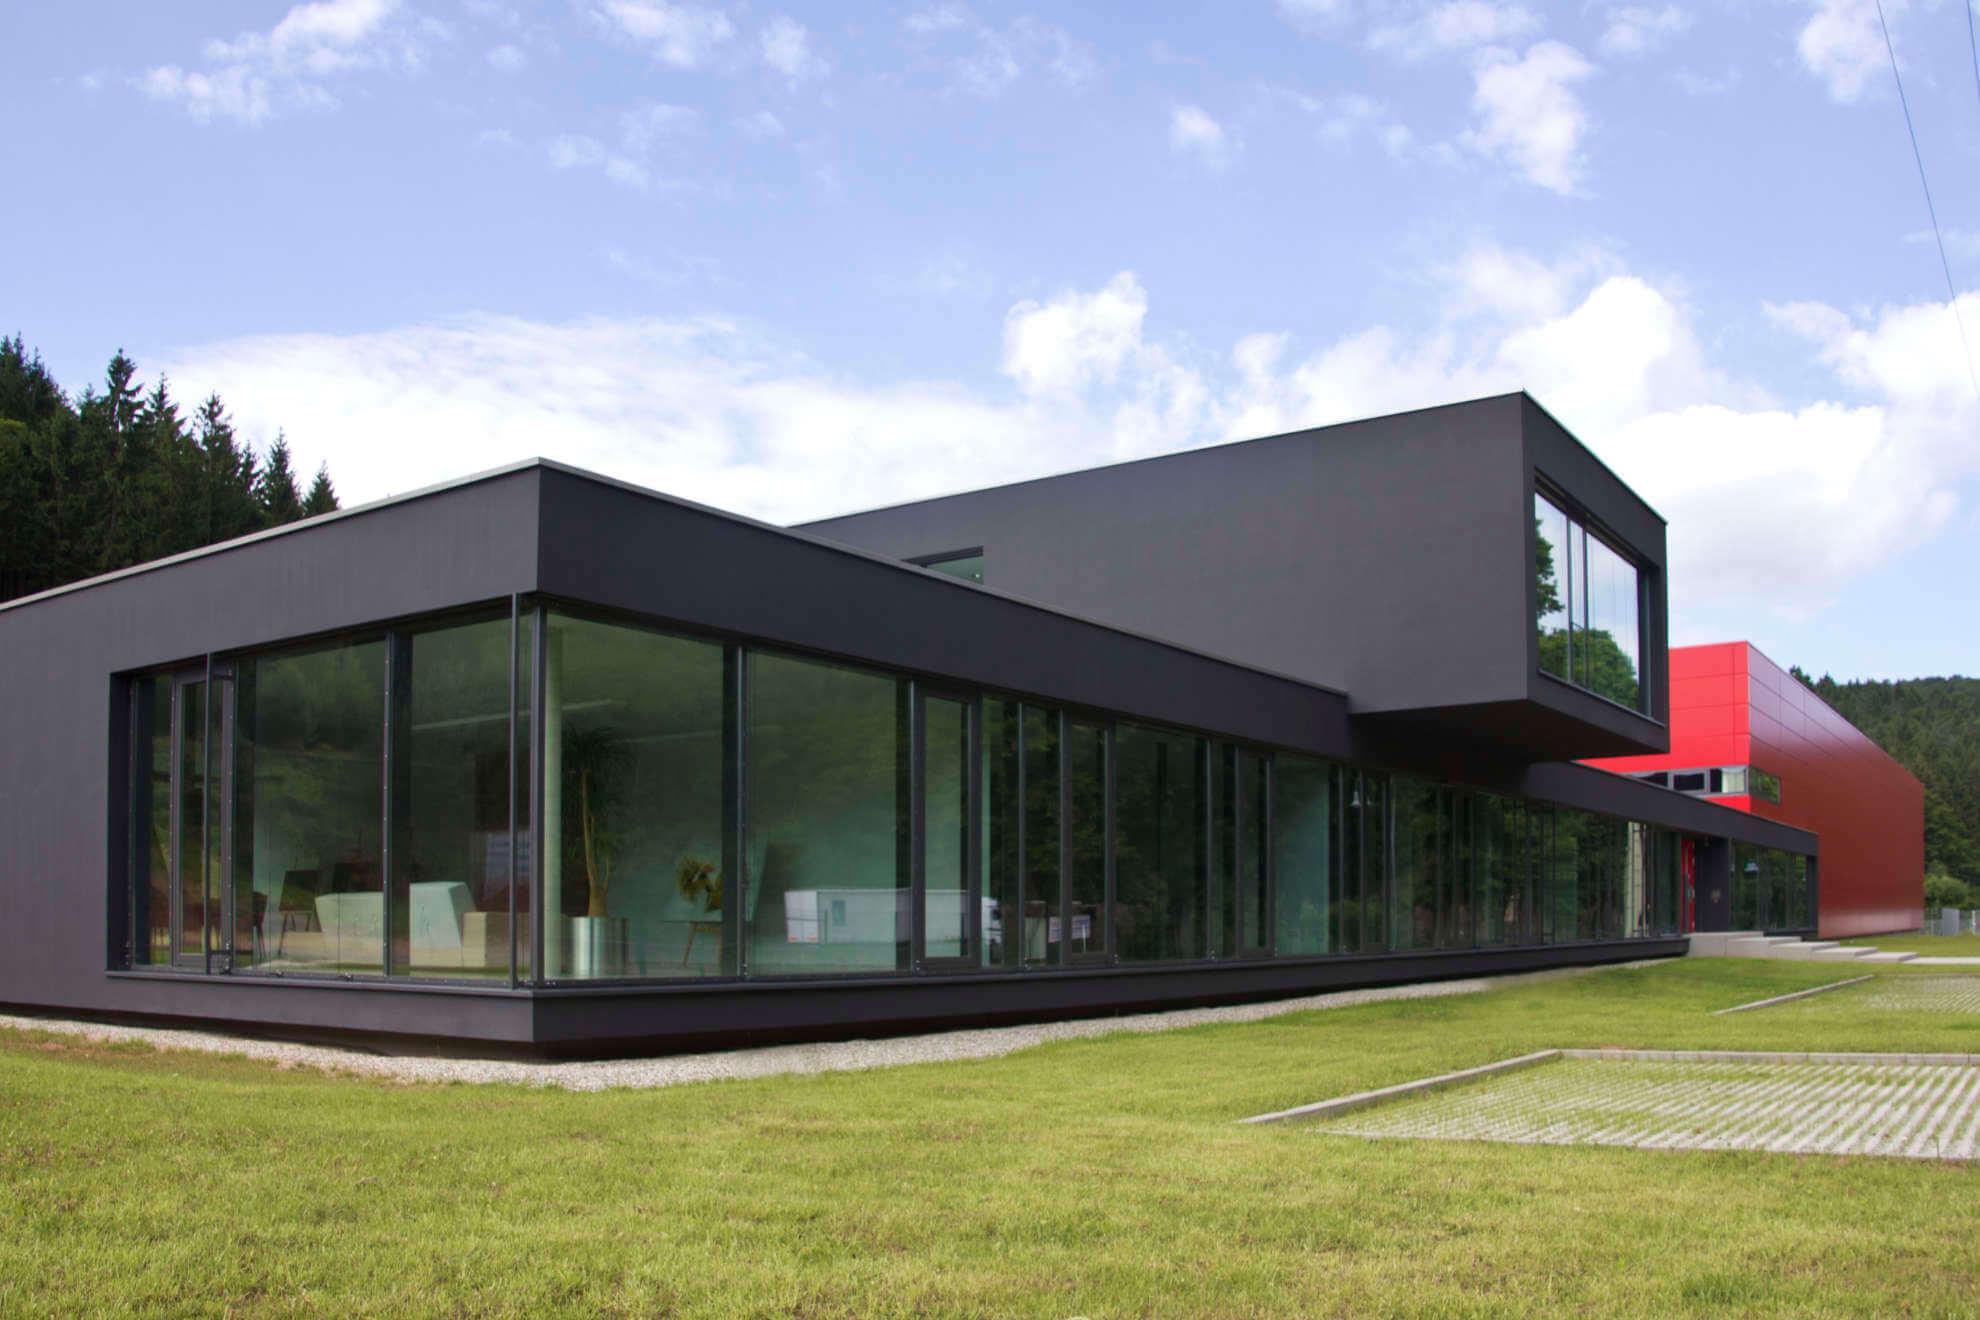 smz-a-07-marcbetz architekten